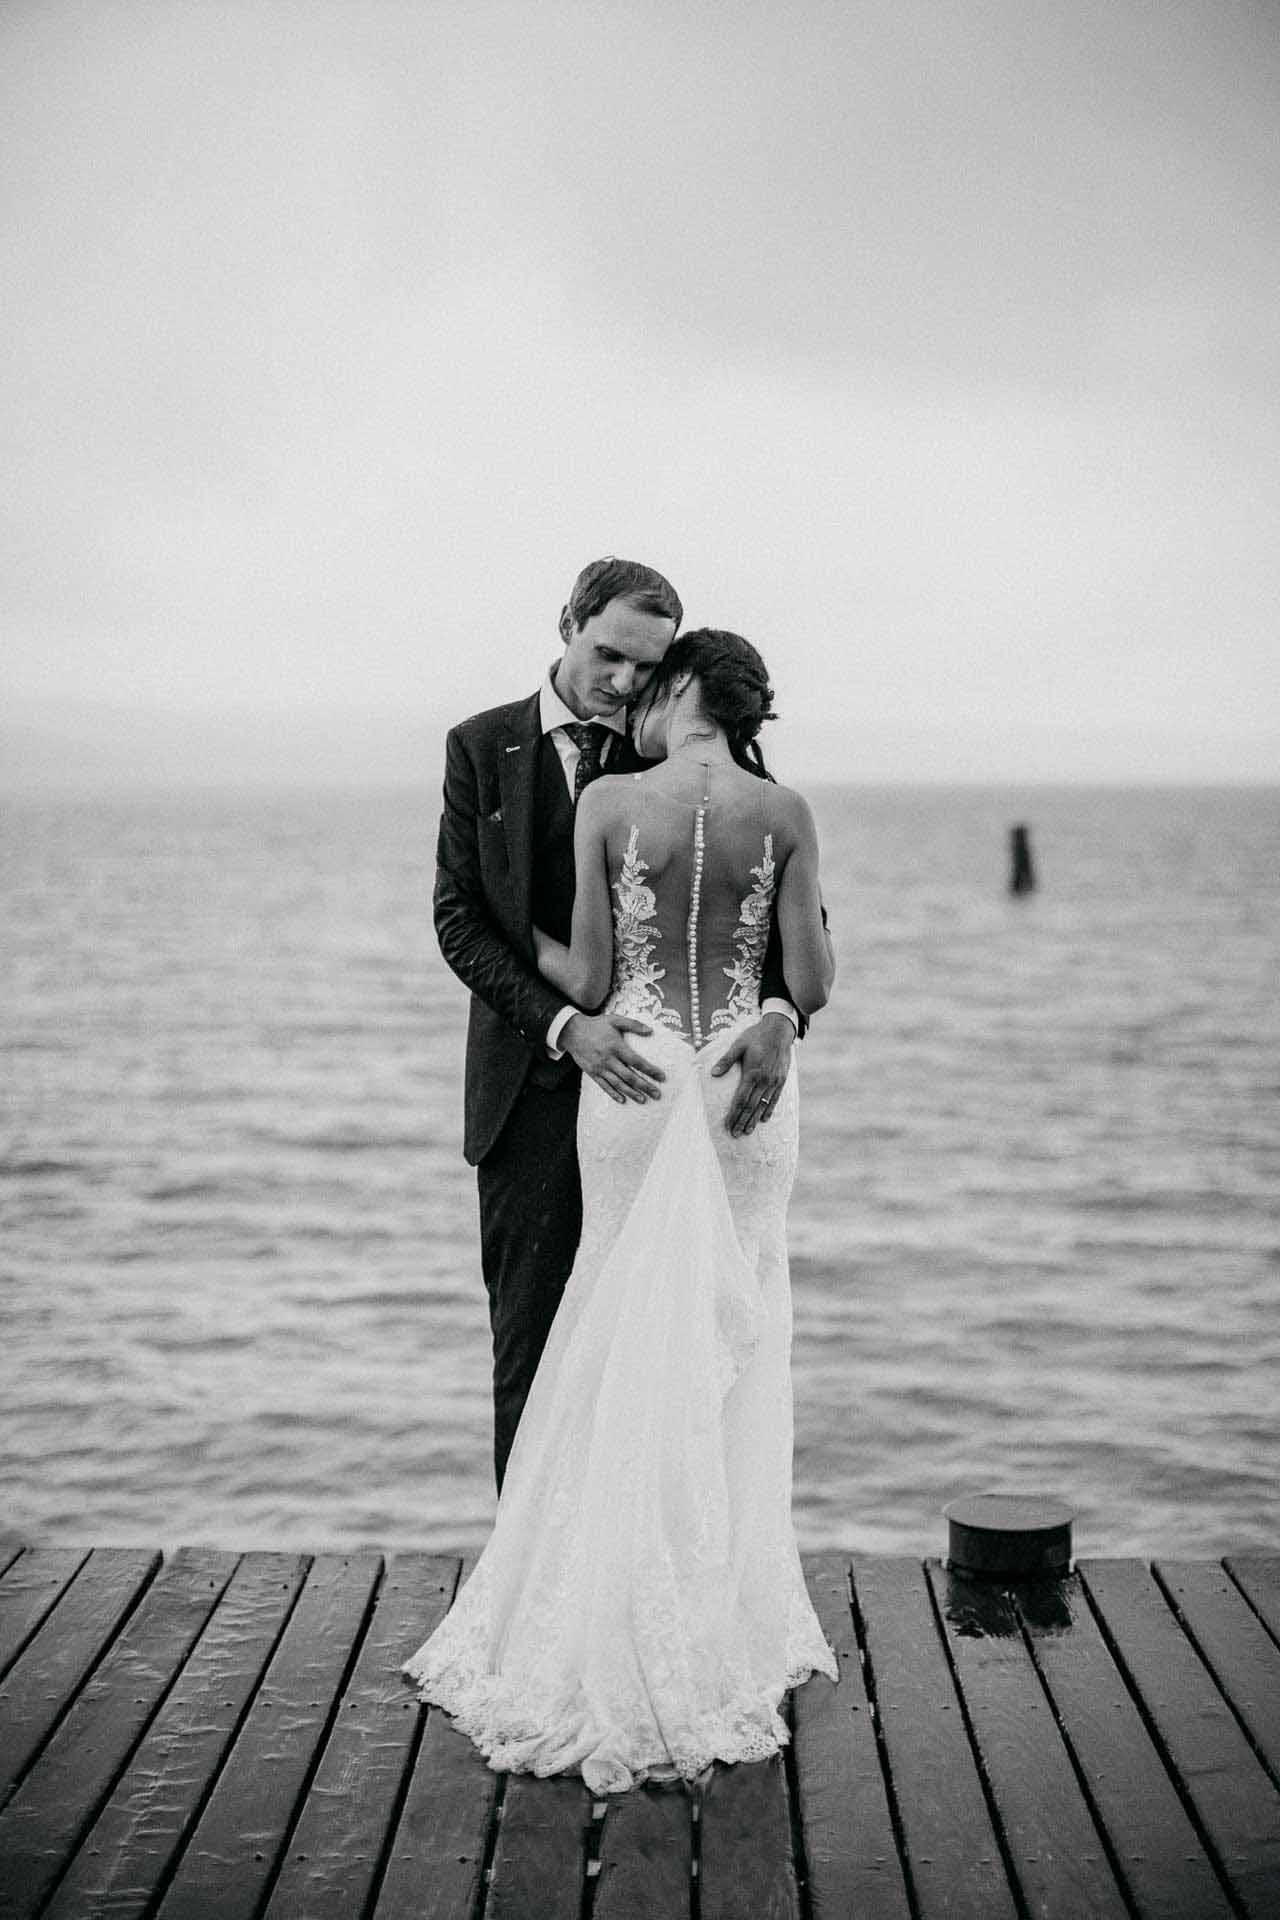 efterår bryllup